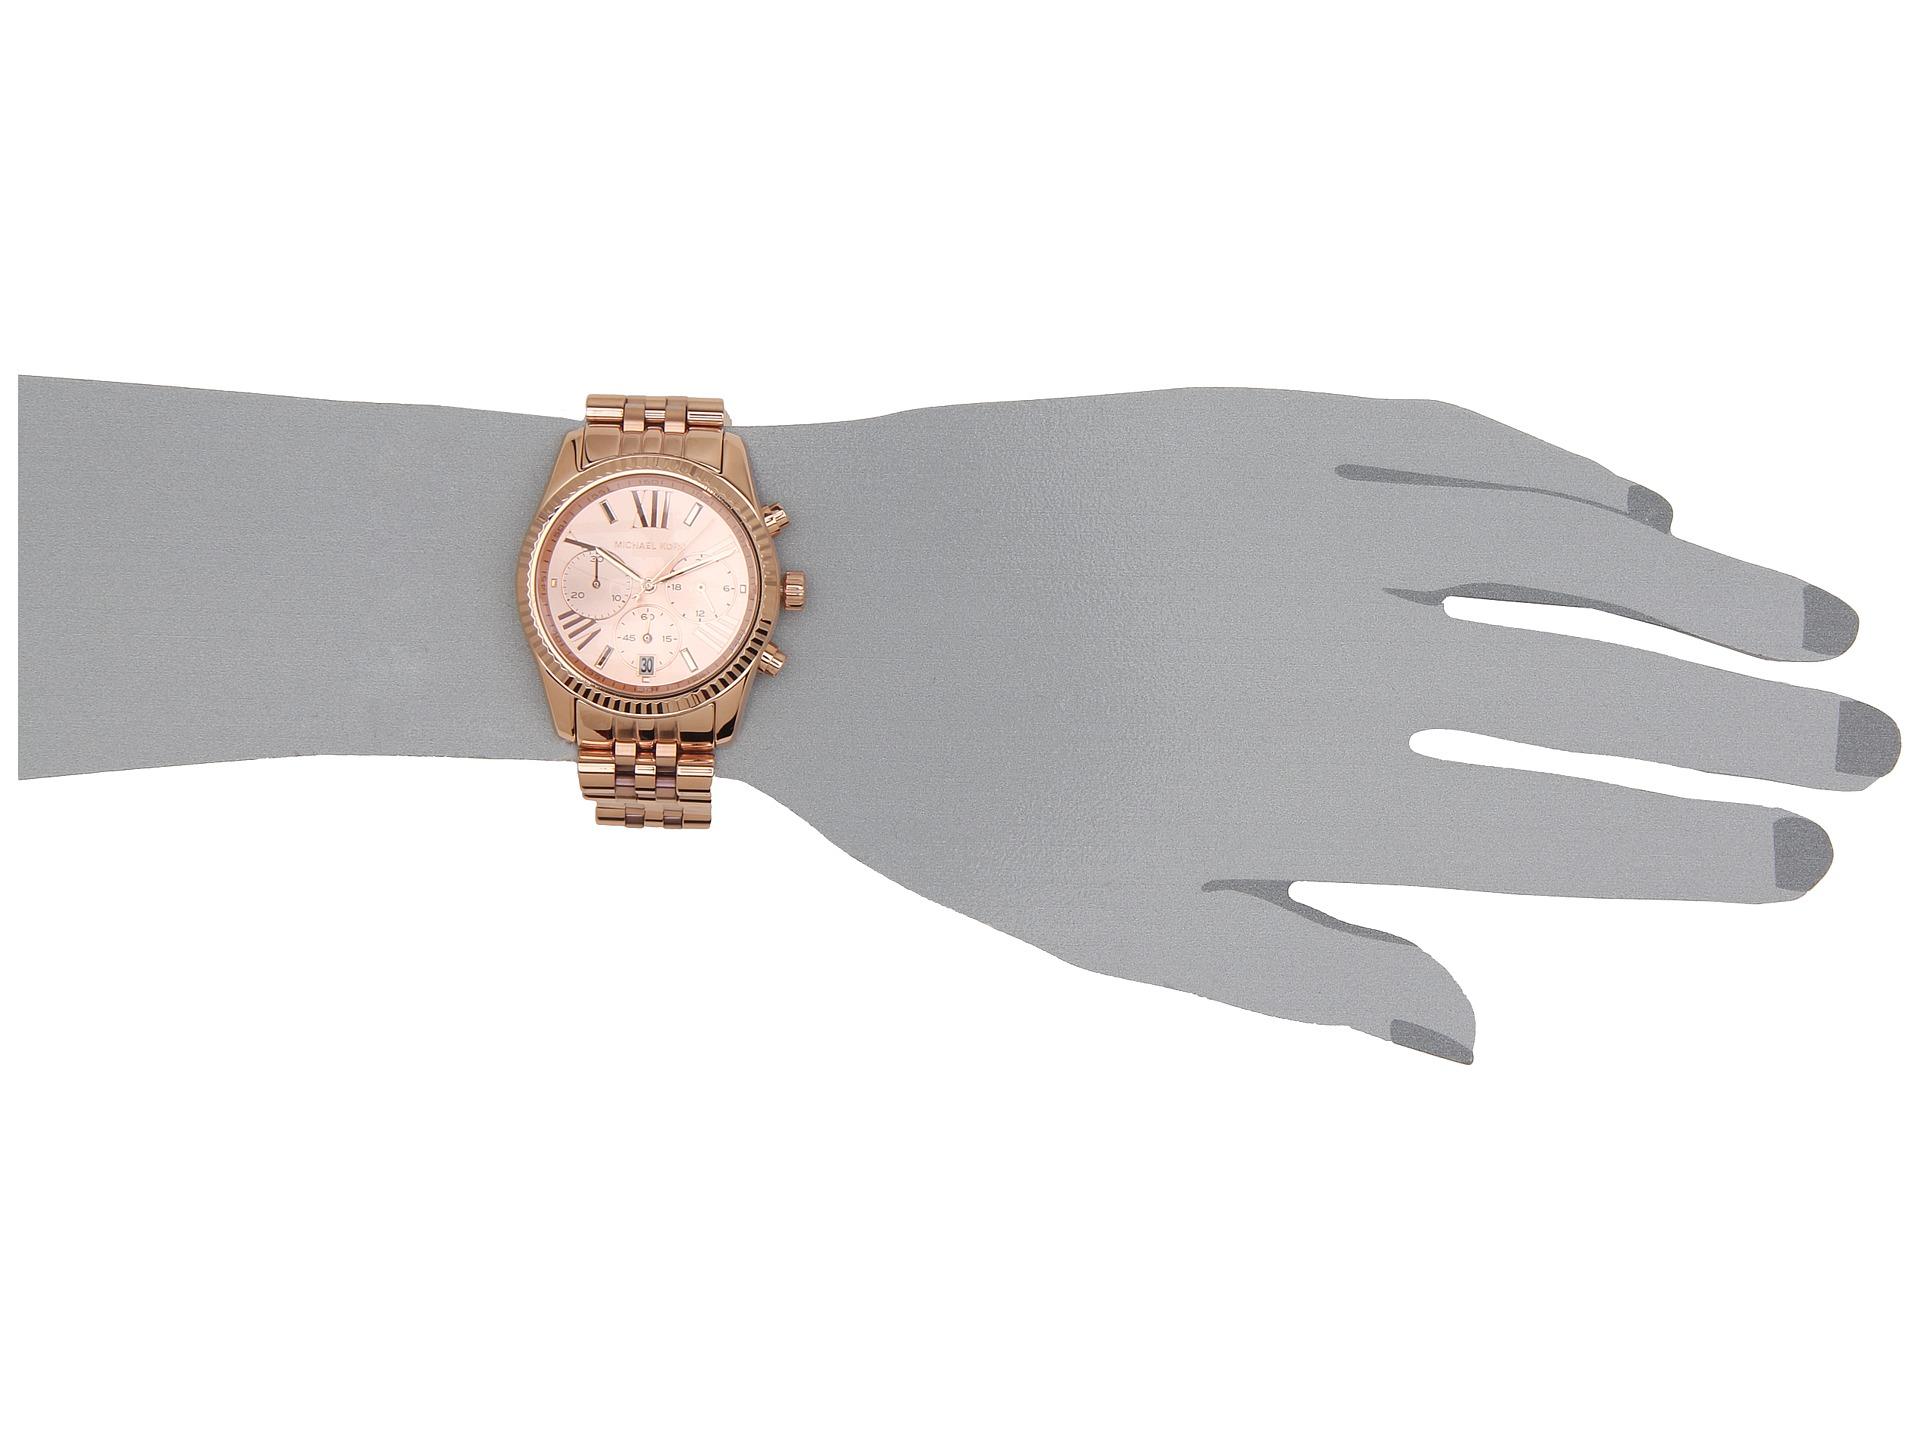 Michael Kors Large Lexington Chronograph Bracelet Watch